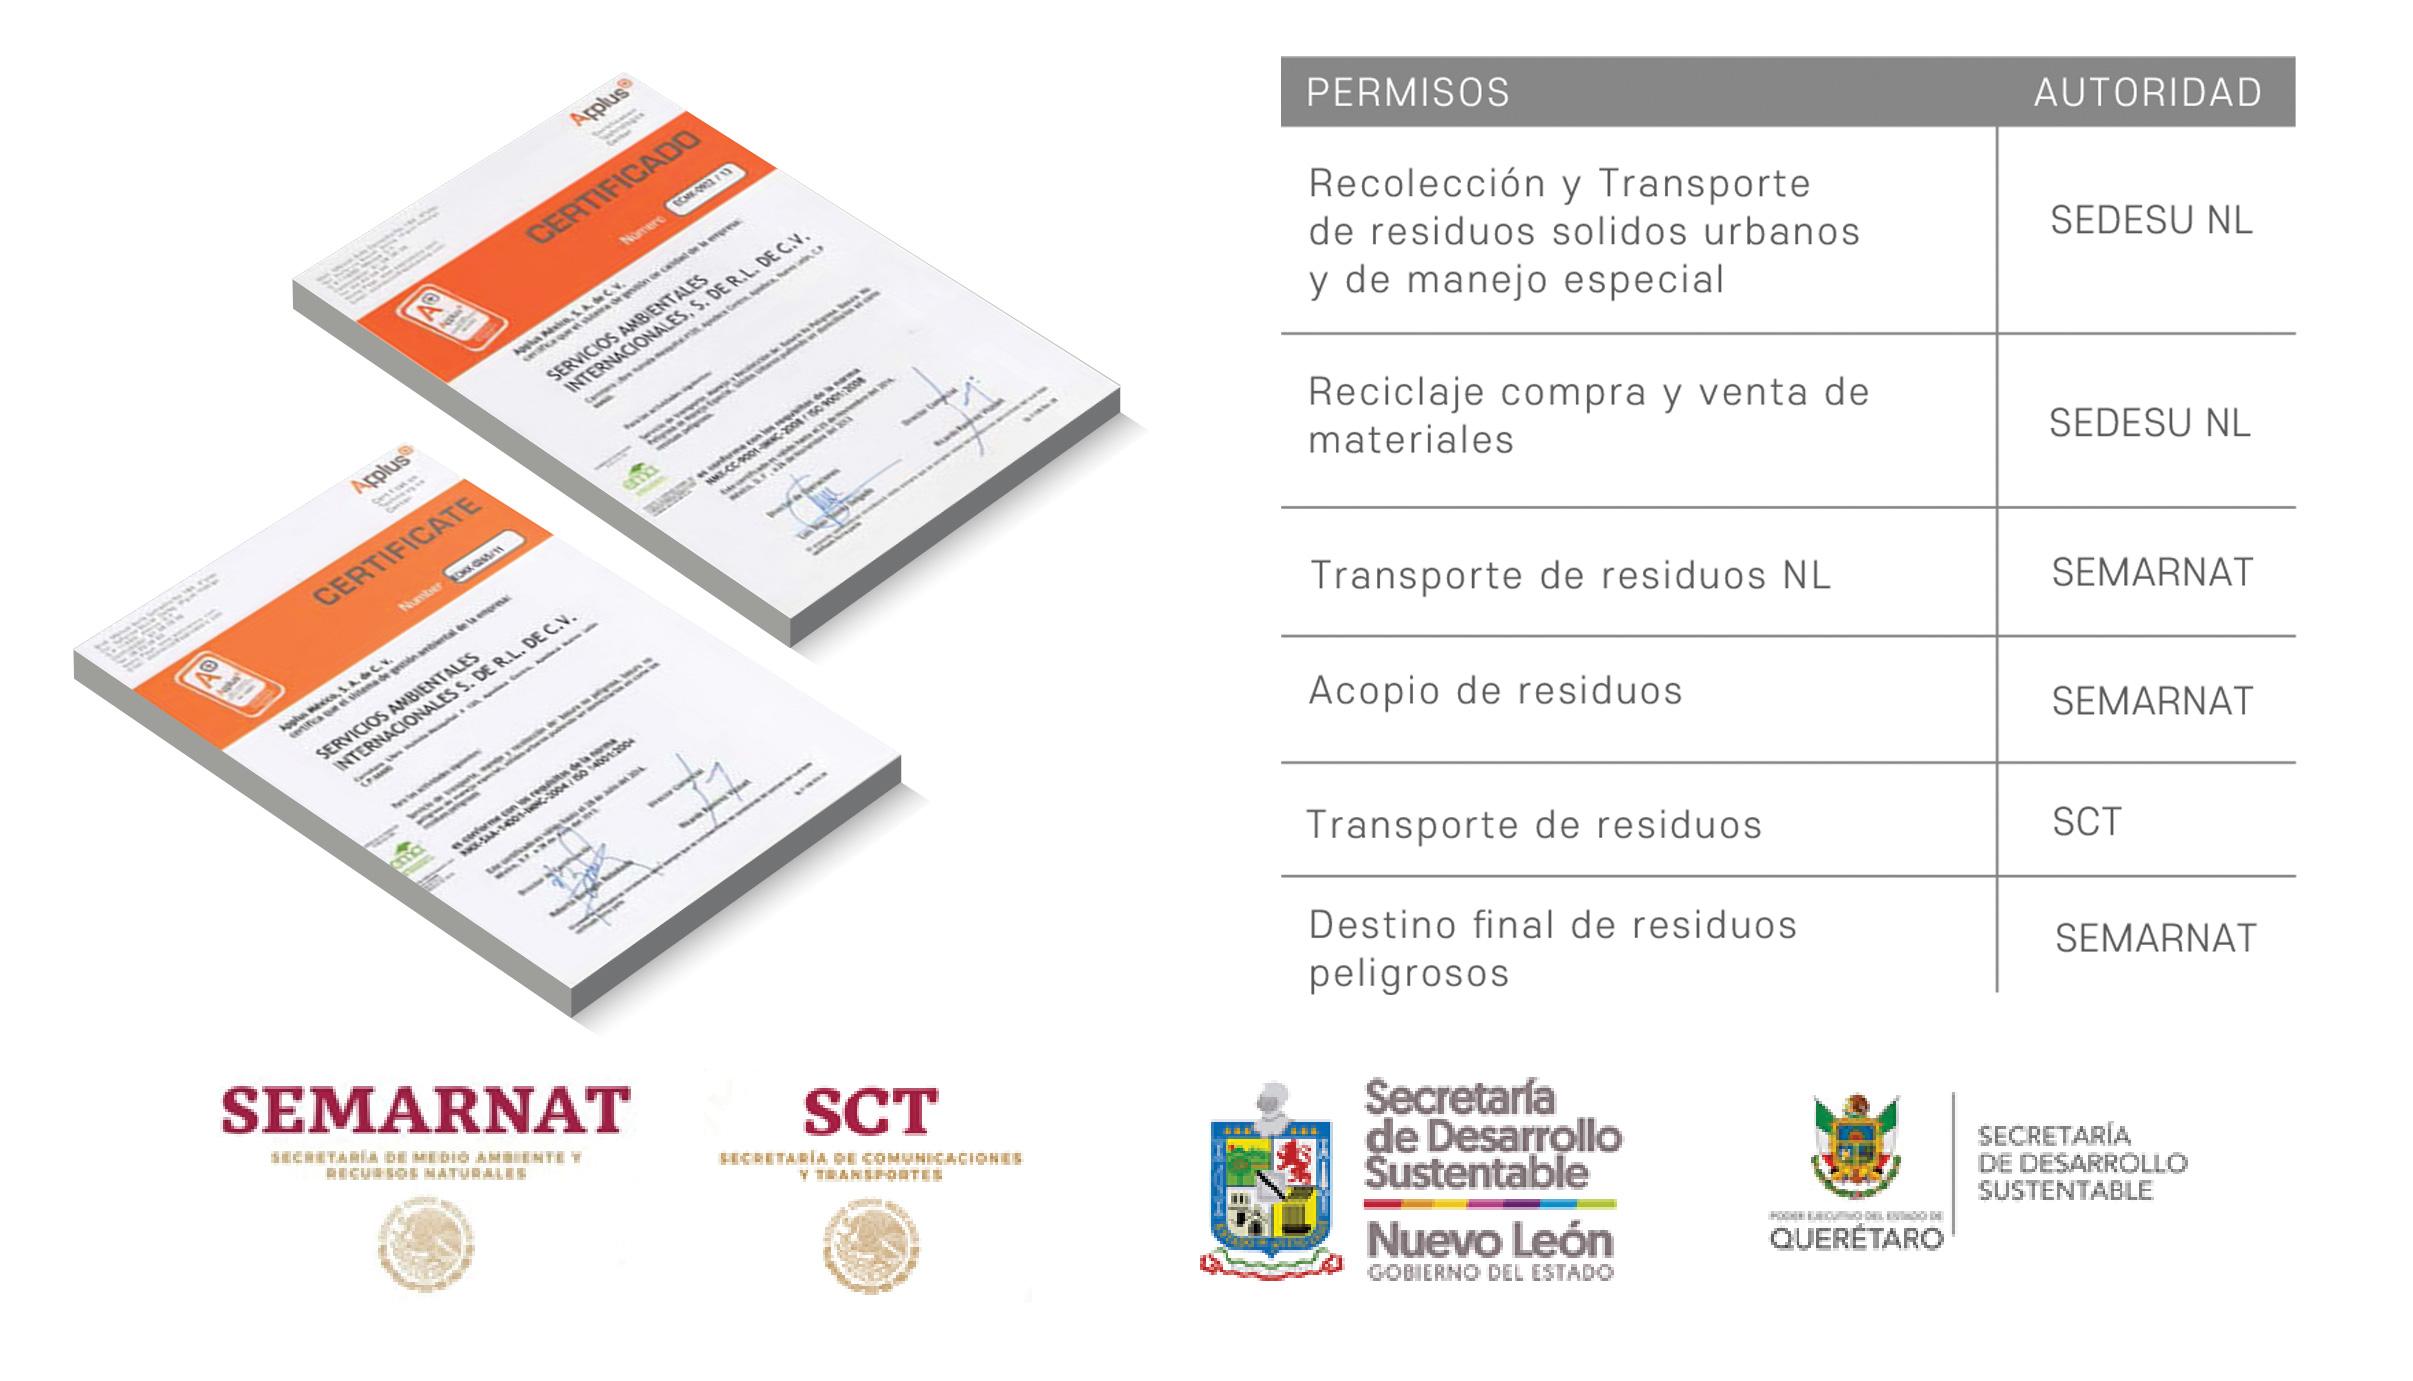 Permisos y certificaciones de servicios ambientales